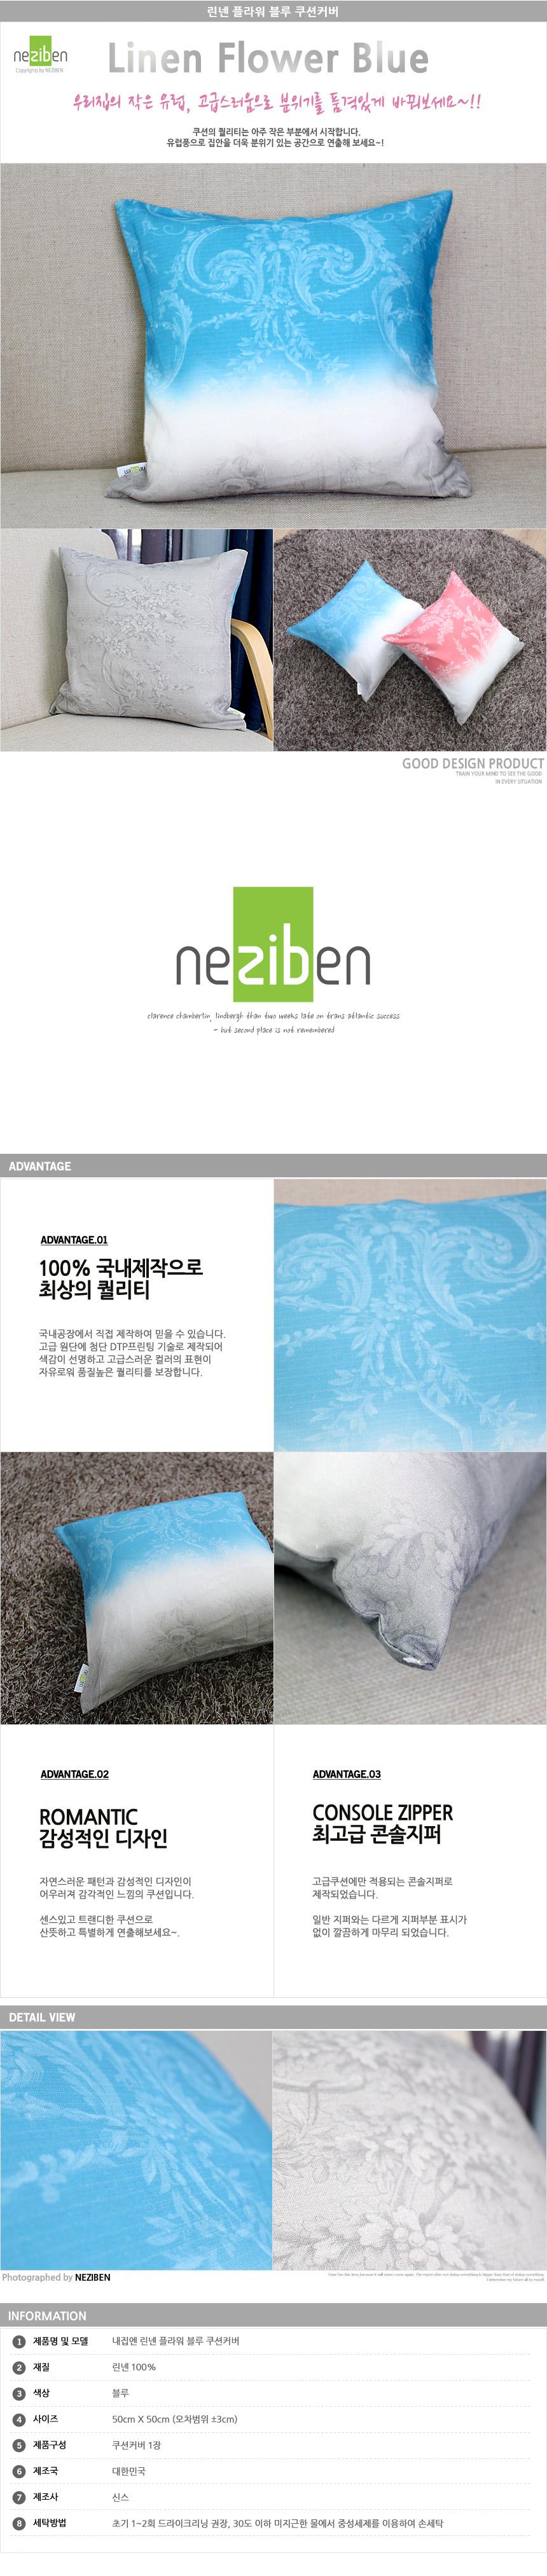 linenflower_blue.jpg